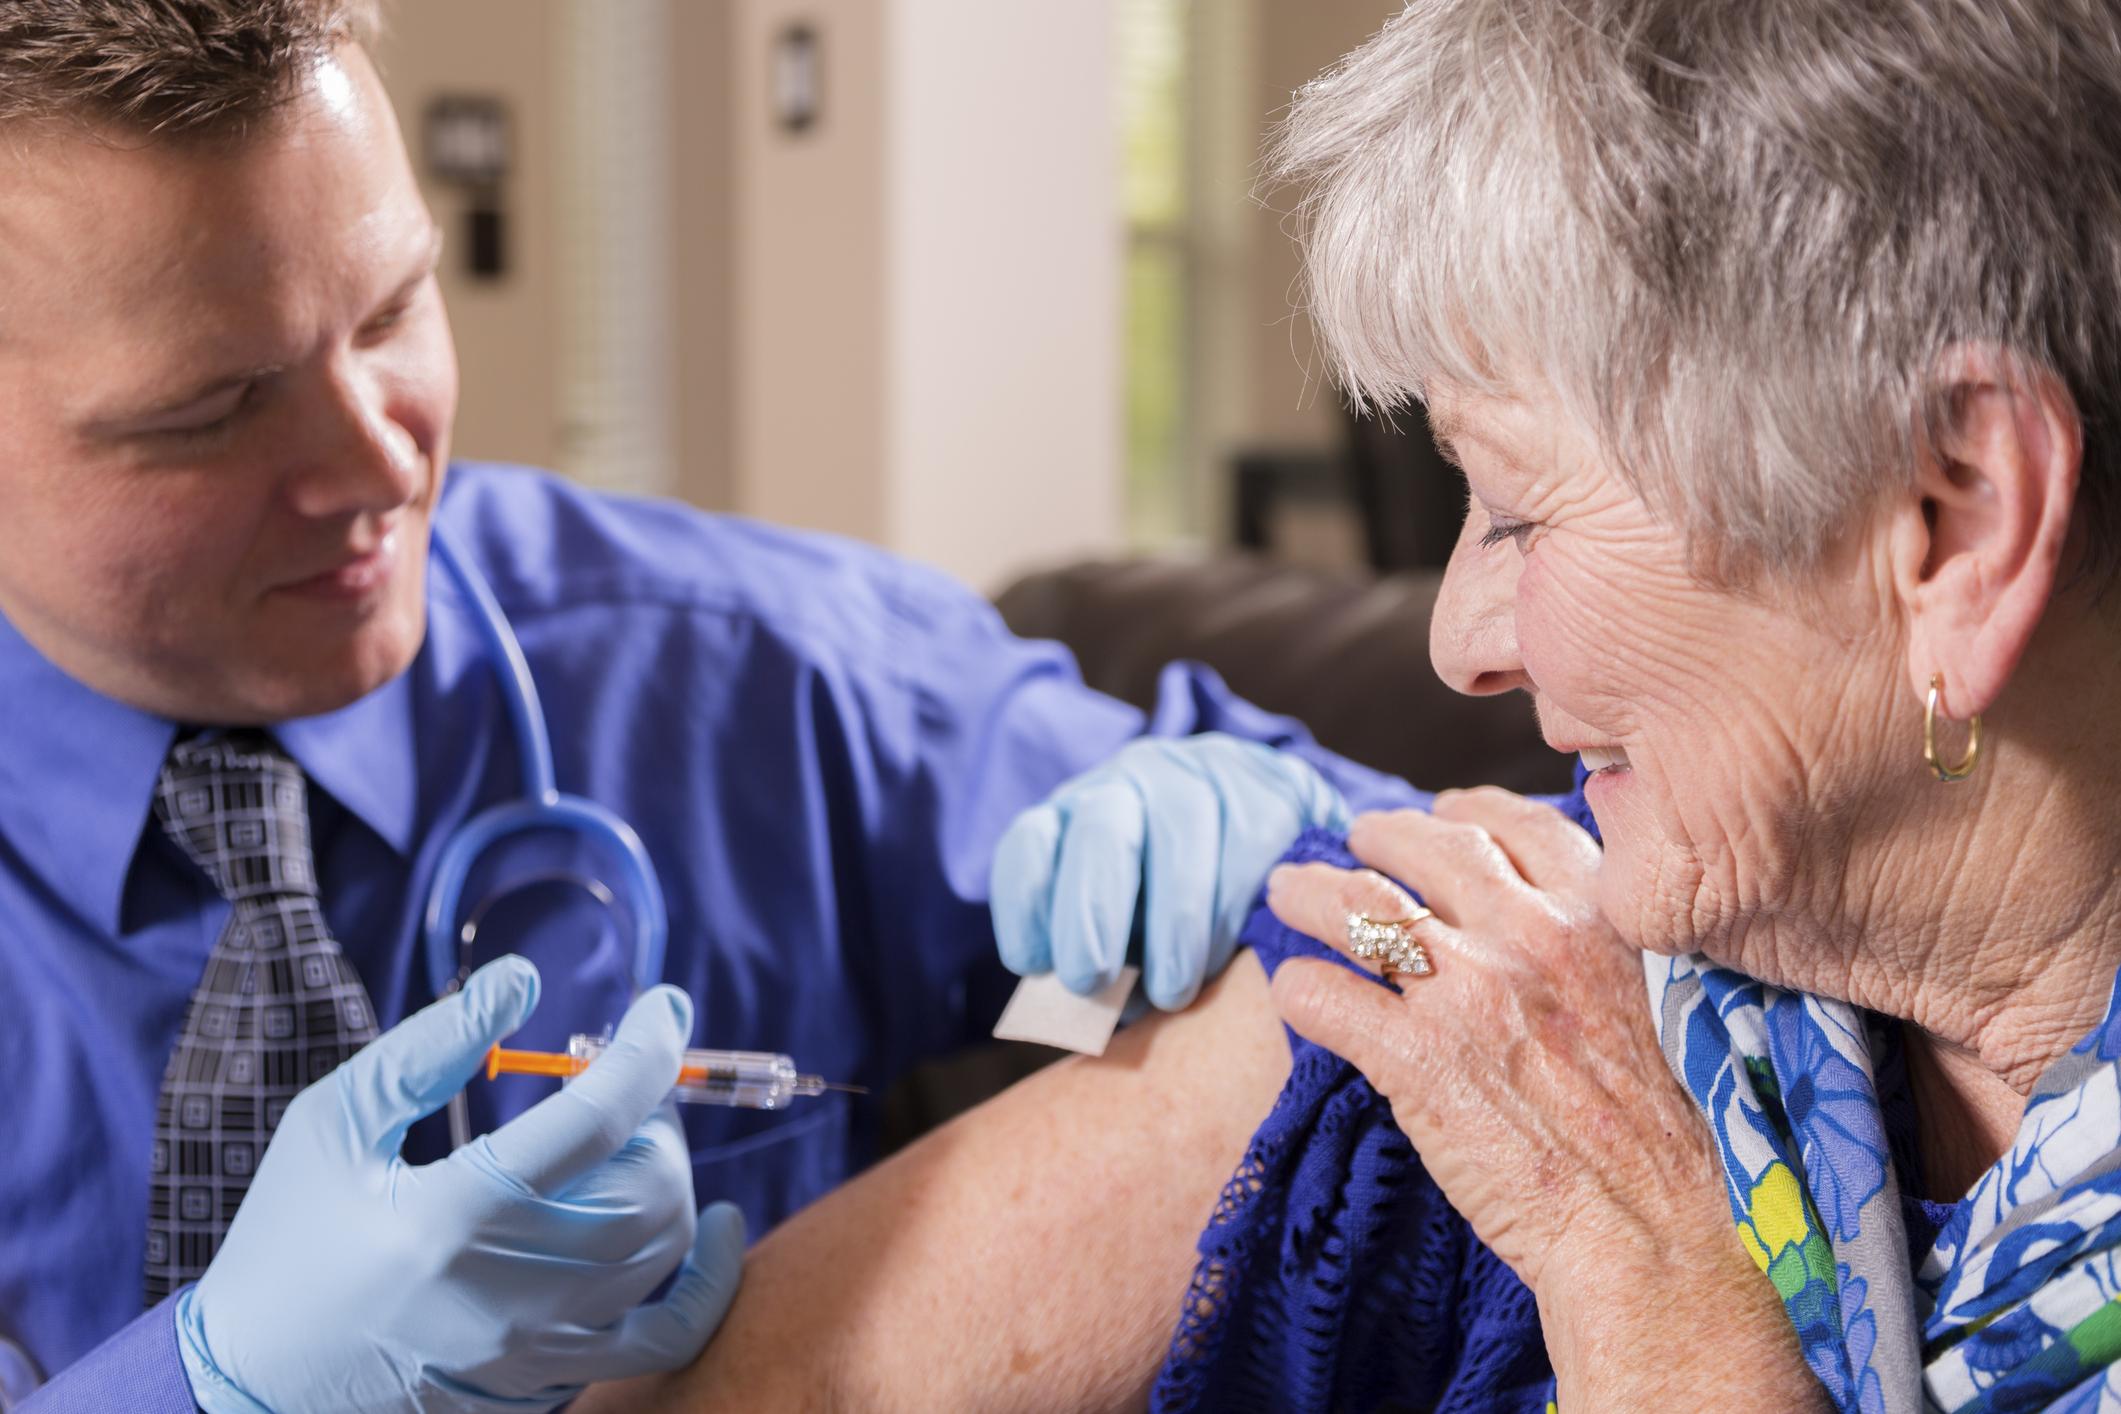 Elderly patient receiving a vaccine.